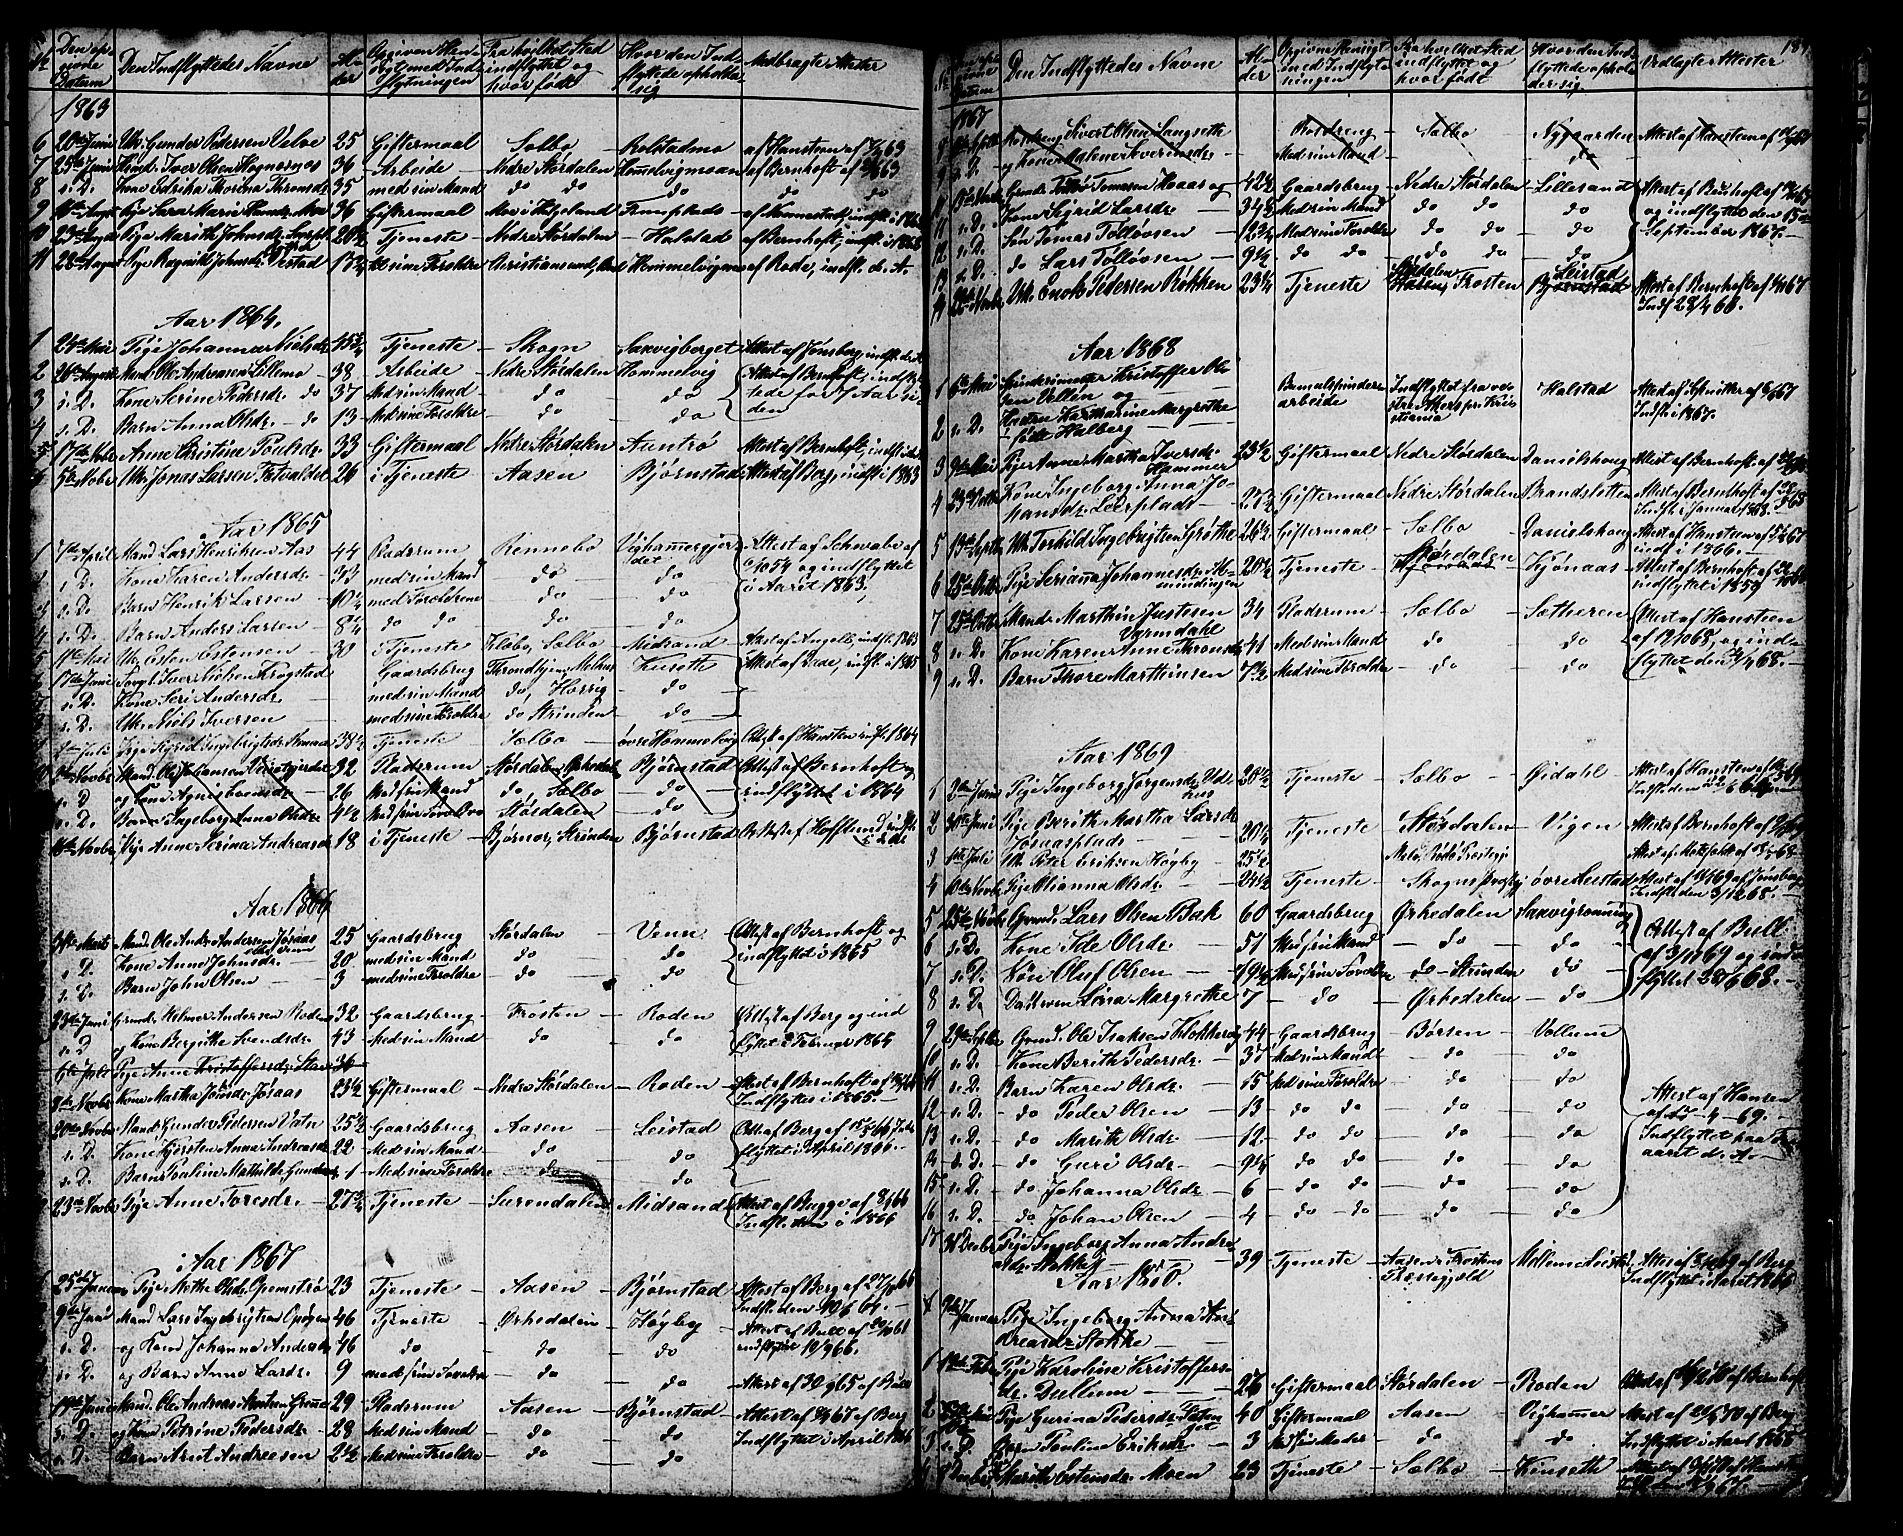 SAT, Ministerialprotokoller, klokkerbøker og fødselsregistre - Sør-Trøndelag, 616/L0422: Klokkerbok nr. 616C05, 1850-1888, s. 189